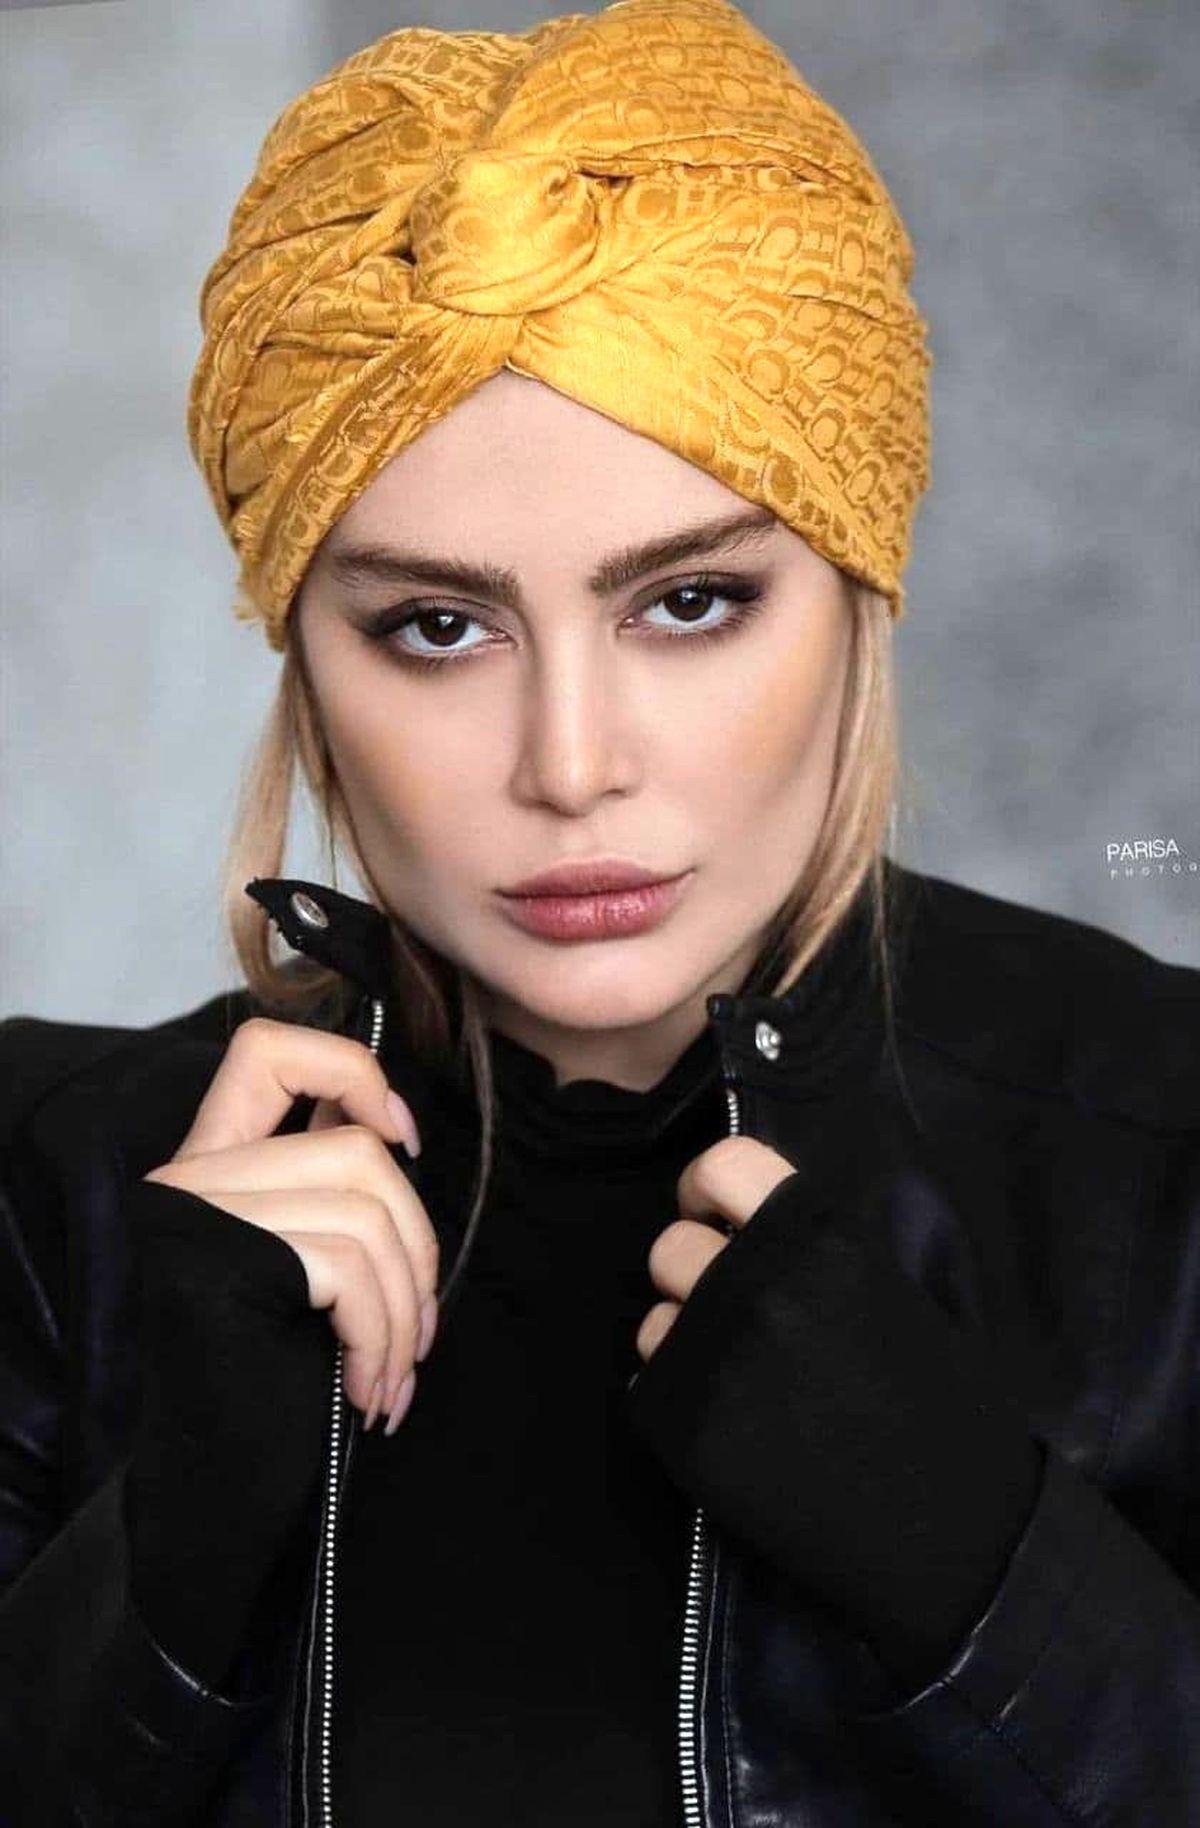 عکس جذاب و دیده نشده سحر قریشی بازیگر معروف زن